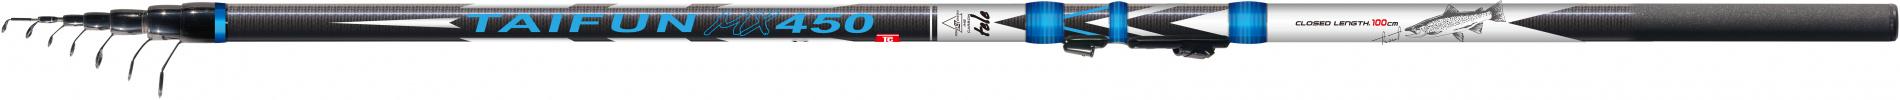 Удилище тел. SWD TAIFUN 4,5м с/к карбон IM8 (укороченное)Удилища поплавочные<br>Классическое болонское удилище с быстрым <br>строем. Материал бланка удилища – карбон <br>IM8. Длина удилища 4,5м. Комплектуется элегантными <br>облегченными кольцами с высококачественными <br>вставками SIC на высоких ножках, надежным <br>быстродействующим катушкодержателем типа <br>Clip Up и EVA вставкой в комле для предотвращения <br>повреждения проводочных колец. Верхнее <br>колено имеет дополнительное разгрузочное <br>кольцо. Транспортная длина 106см. Рекомендуется <br>для всех видов ловли.<br>